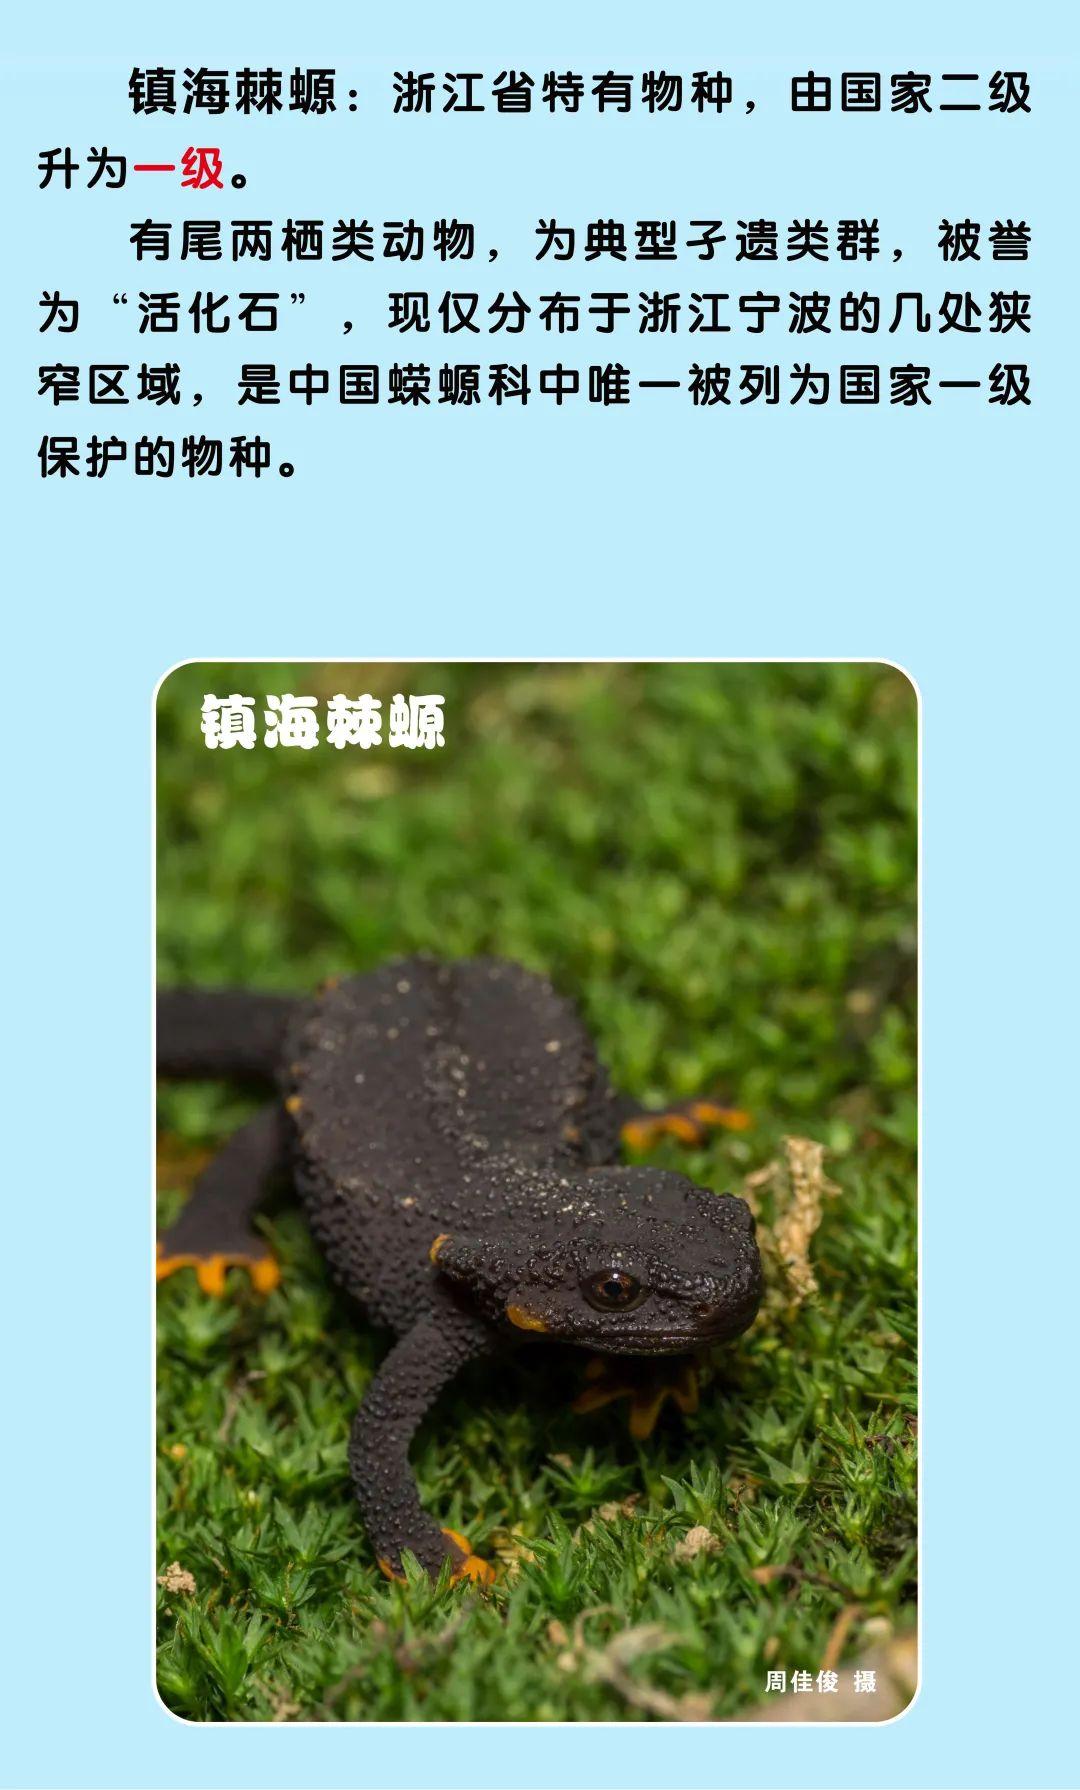 浙江新增一批国家一级二级保护动物,你能叫出它们的名字吗?图片